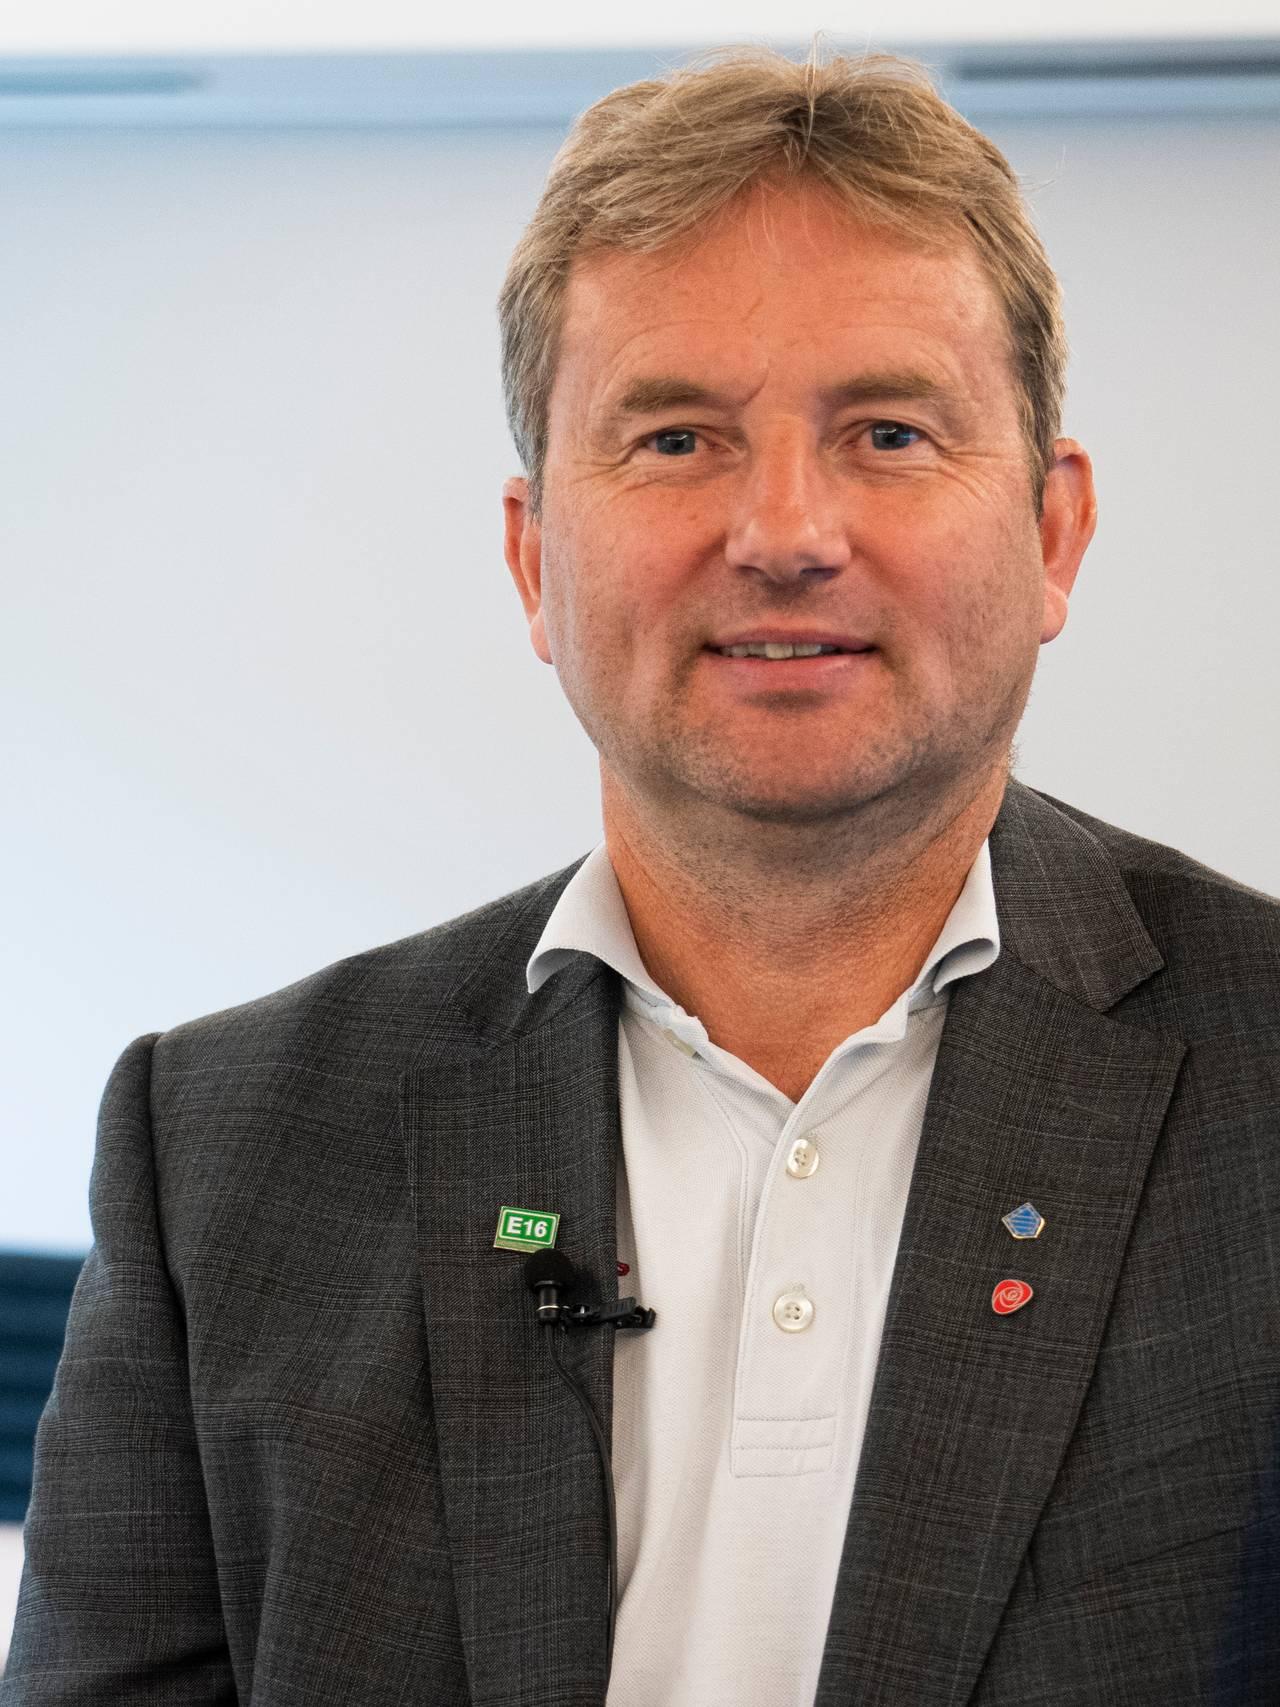 Ordfører i Vang, Vidar Eltun.